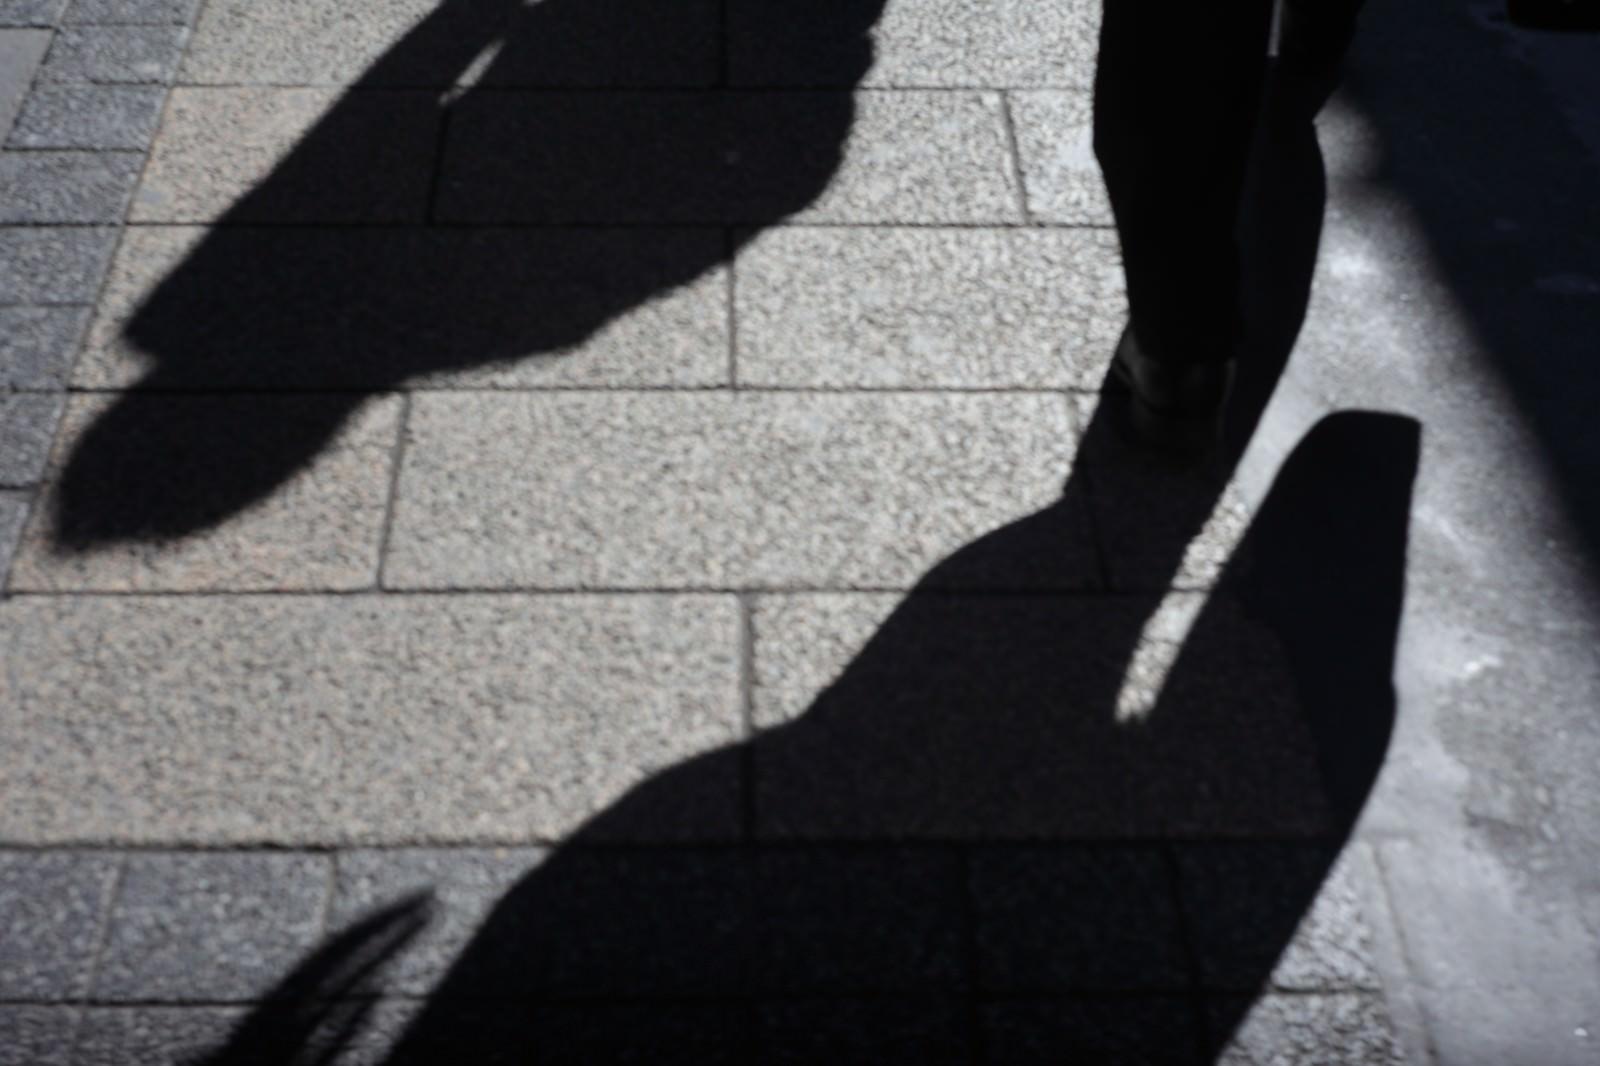 「道路に照らされた忍び寄る影」の写真